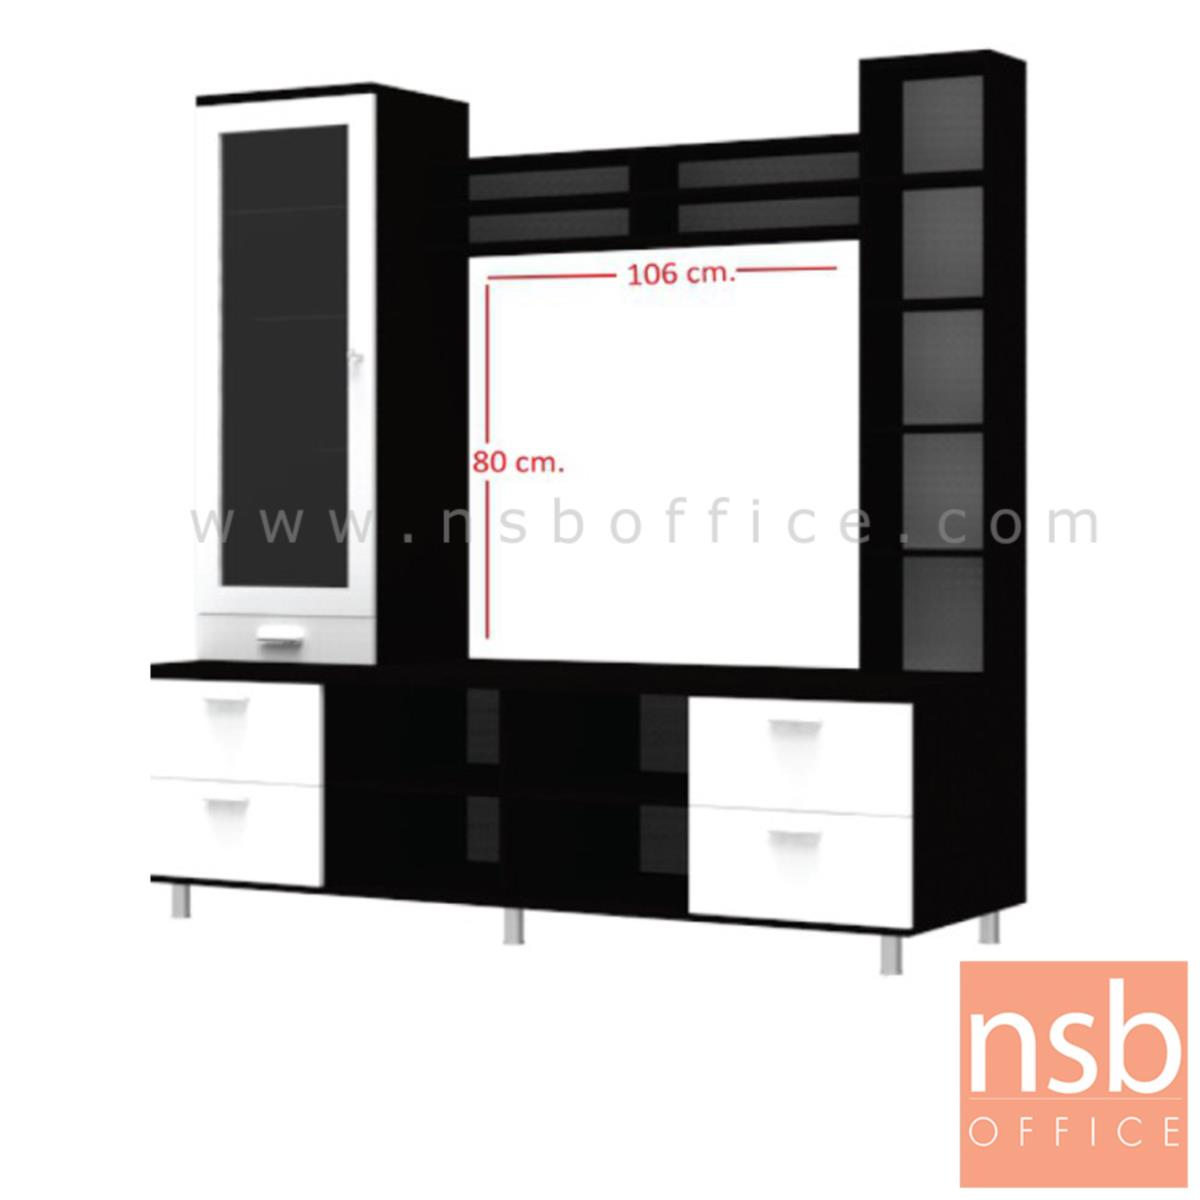 ชุดตู้วางทีวีไม้พีวีซี  รุ่น Taron (ทารอน) ขนาด 180W*180H cm. รุ่นประหยัด